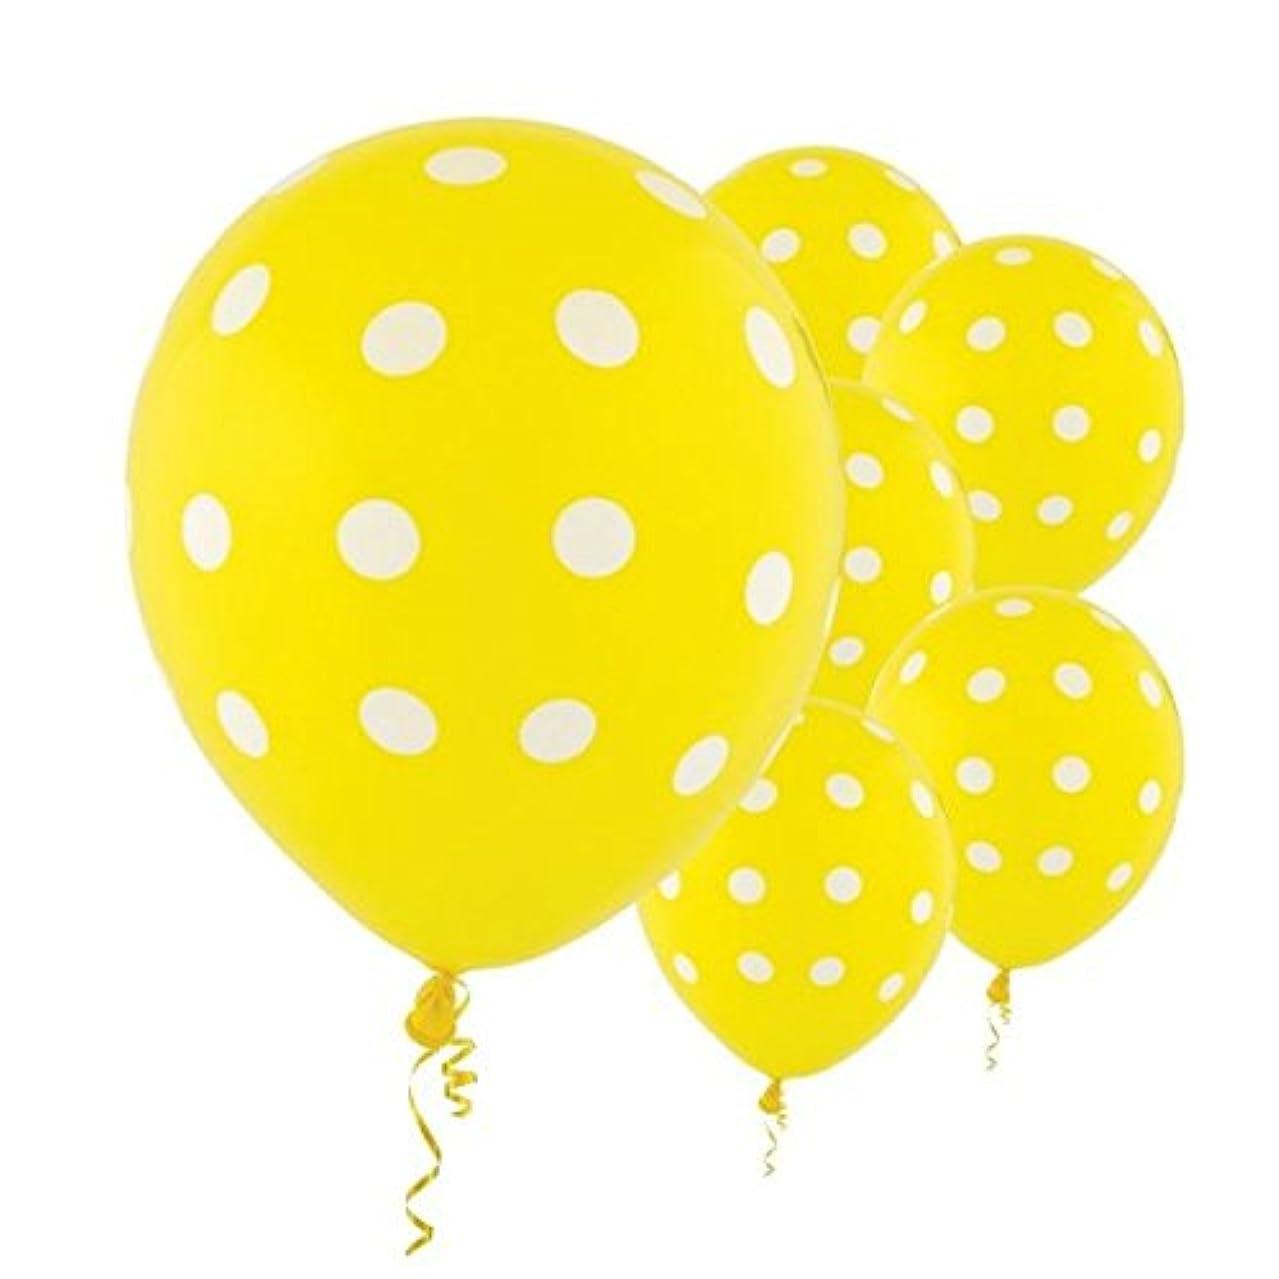 Amscan Polka Dots Party Balloons, 12